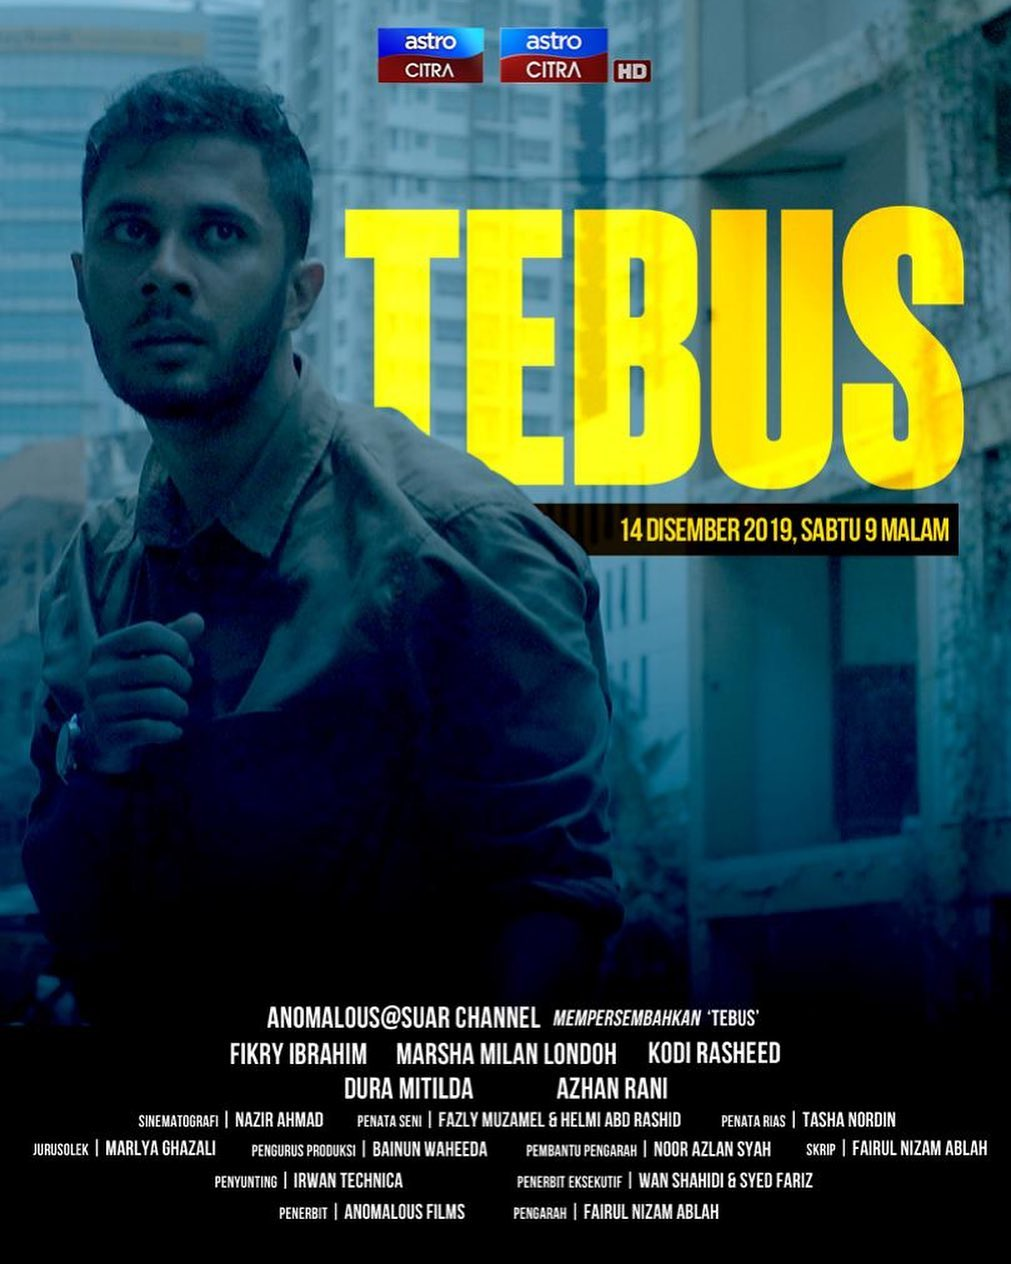 Tebus